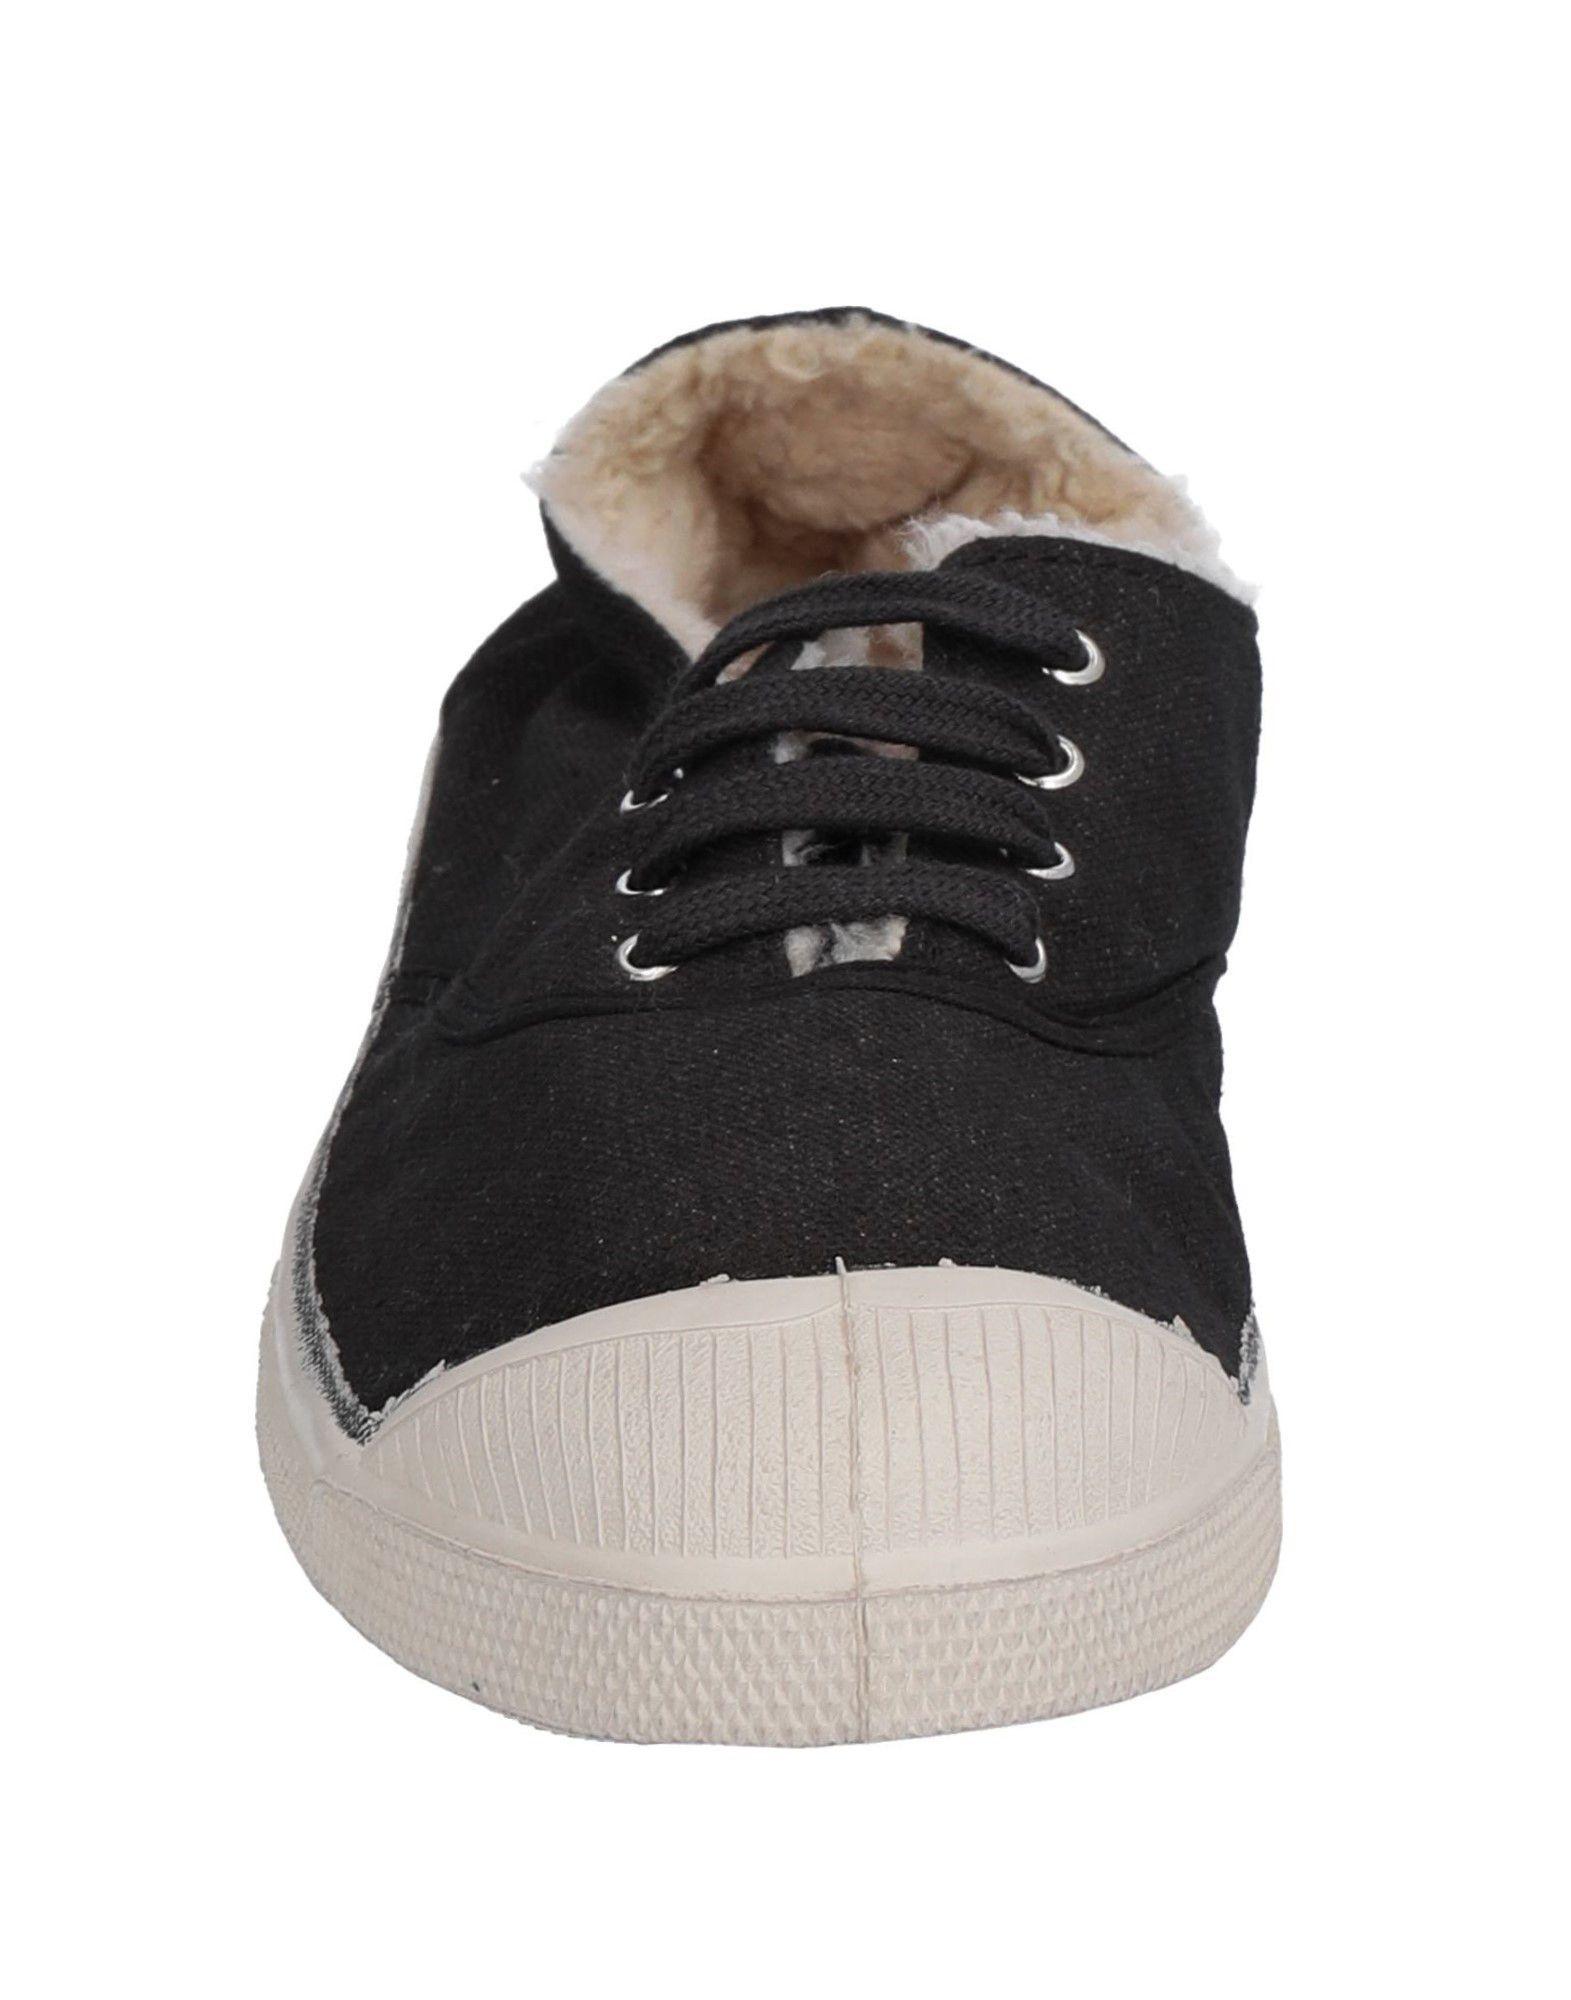 Bensimon Sneakers Damen  11525826UD Gute Qualität beliebte beliebte beliebte Schuhe 4a00e3